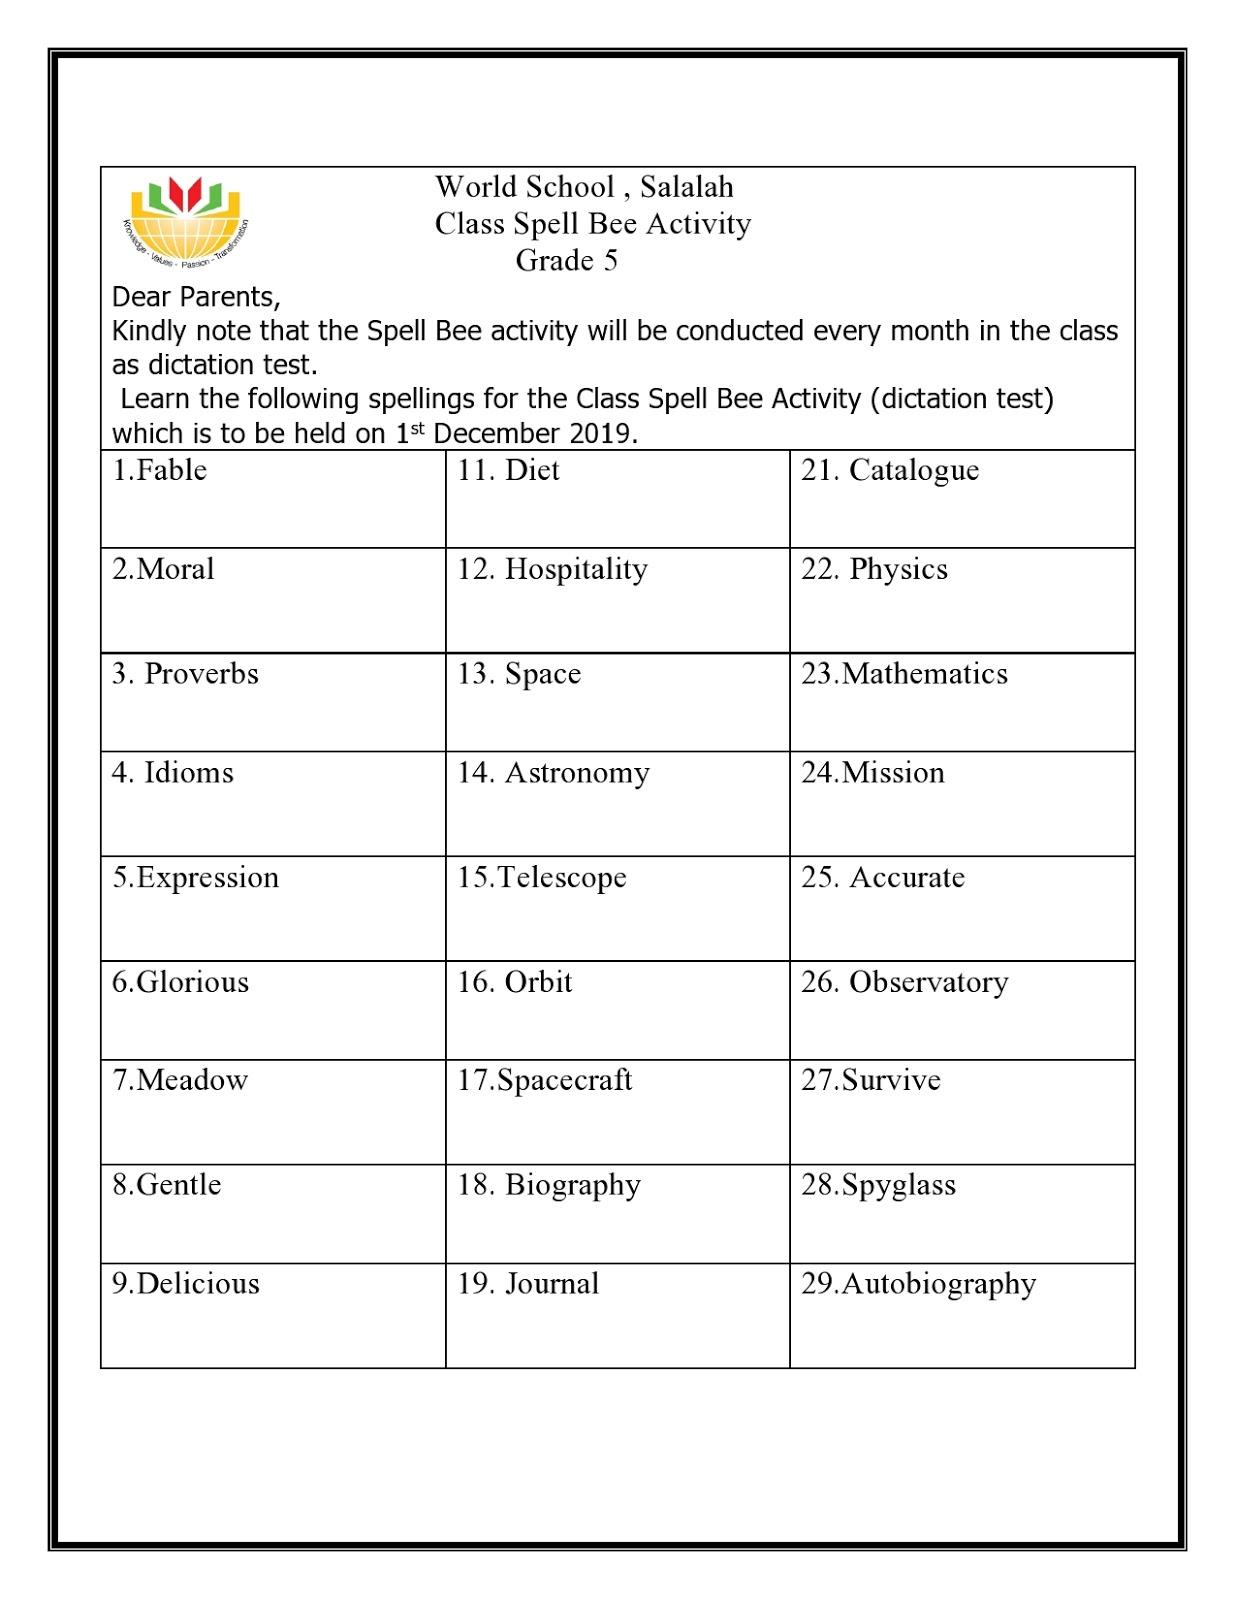 medium resolution of WORLD SCHOOL OMAN: Homework for Grade 5 as on 12-11-2019